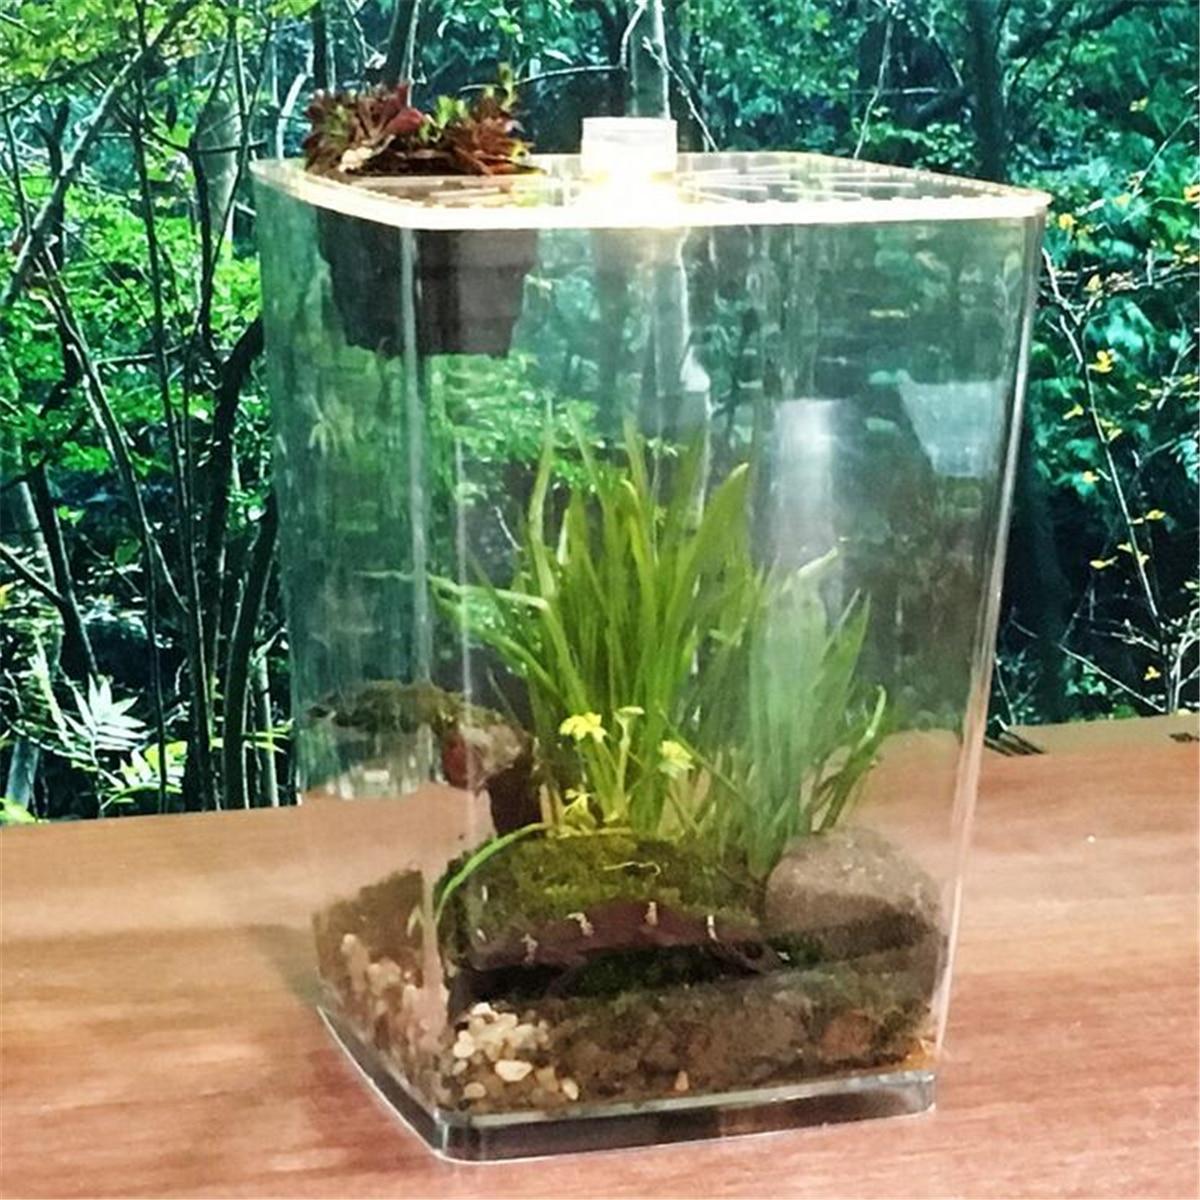 Reptile Acrylique Plante Terrarium Réservoir D'alimentation Insectes Serpent Araignées Caméléon Boîtes de Reproduction Transparent Cage Cas Maison